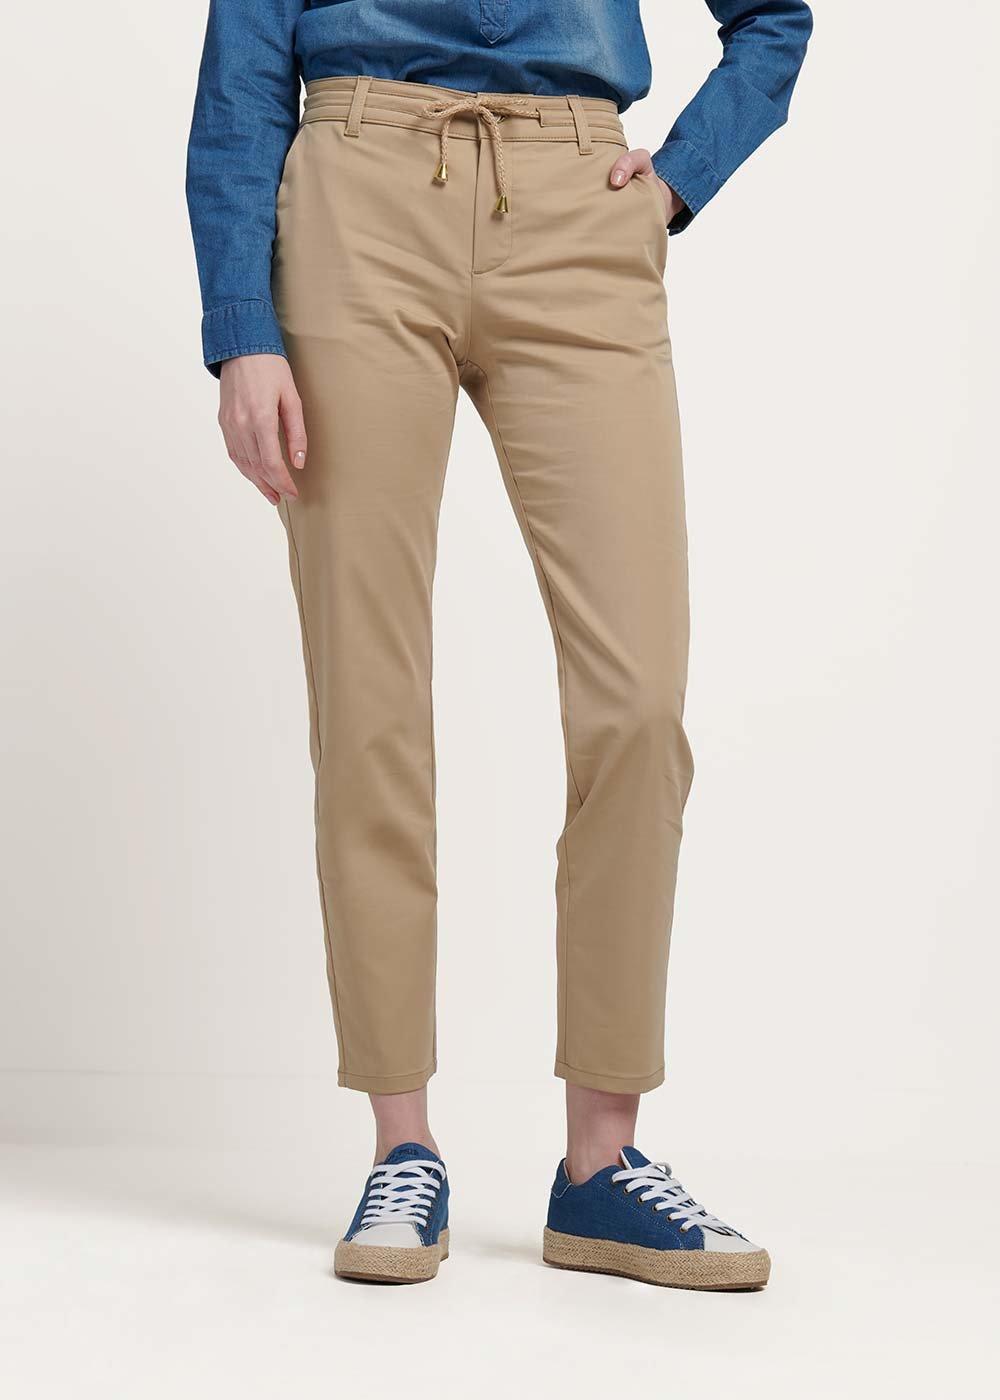 Pantalone modello Alice con cordone in vita - Beige - Donna